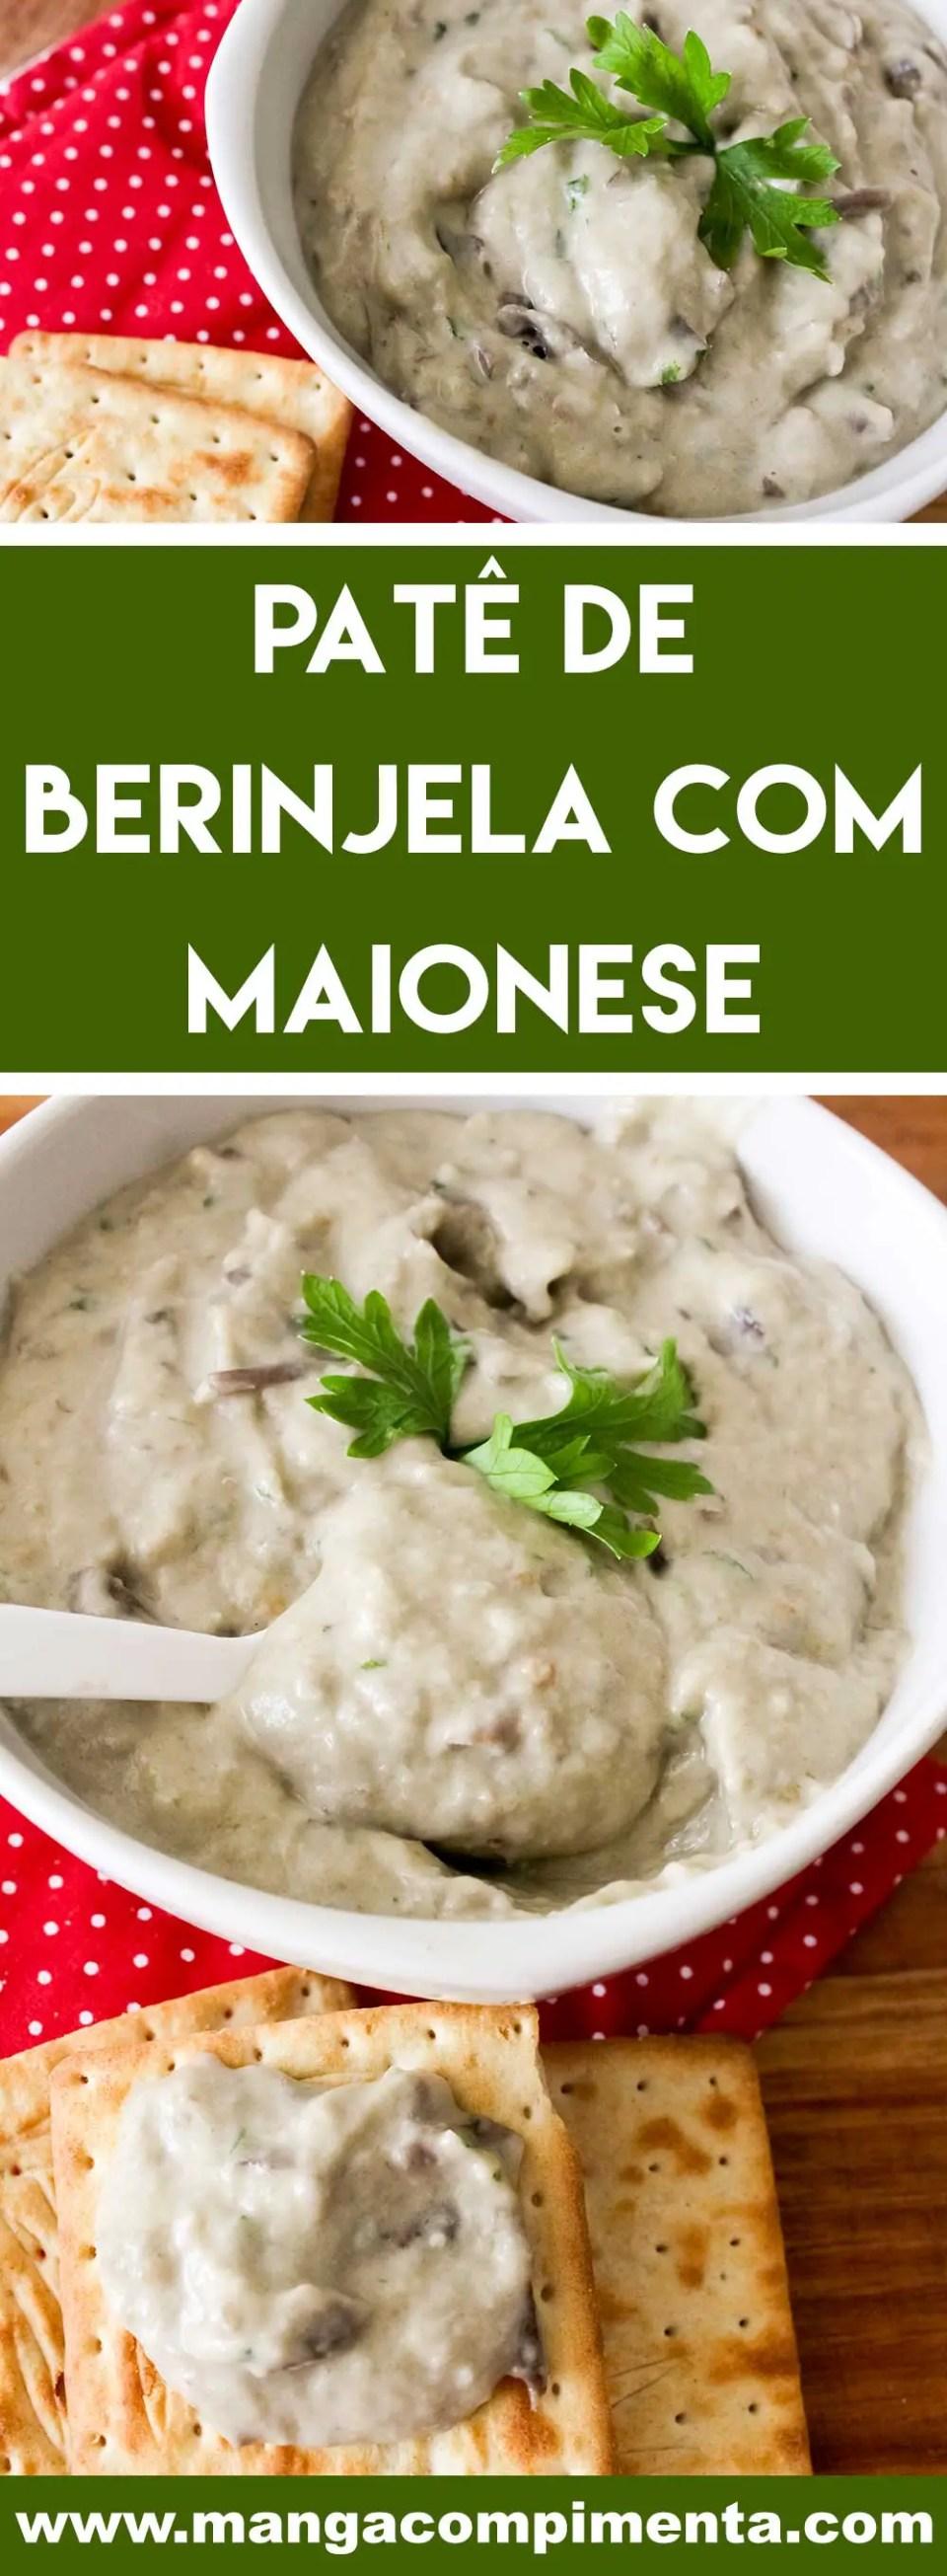 Receita Patê de Berinjela com Maionese -prepare essa delicia agora no verão para a família e amigos.